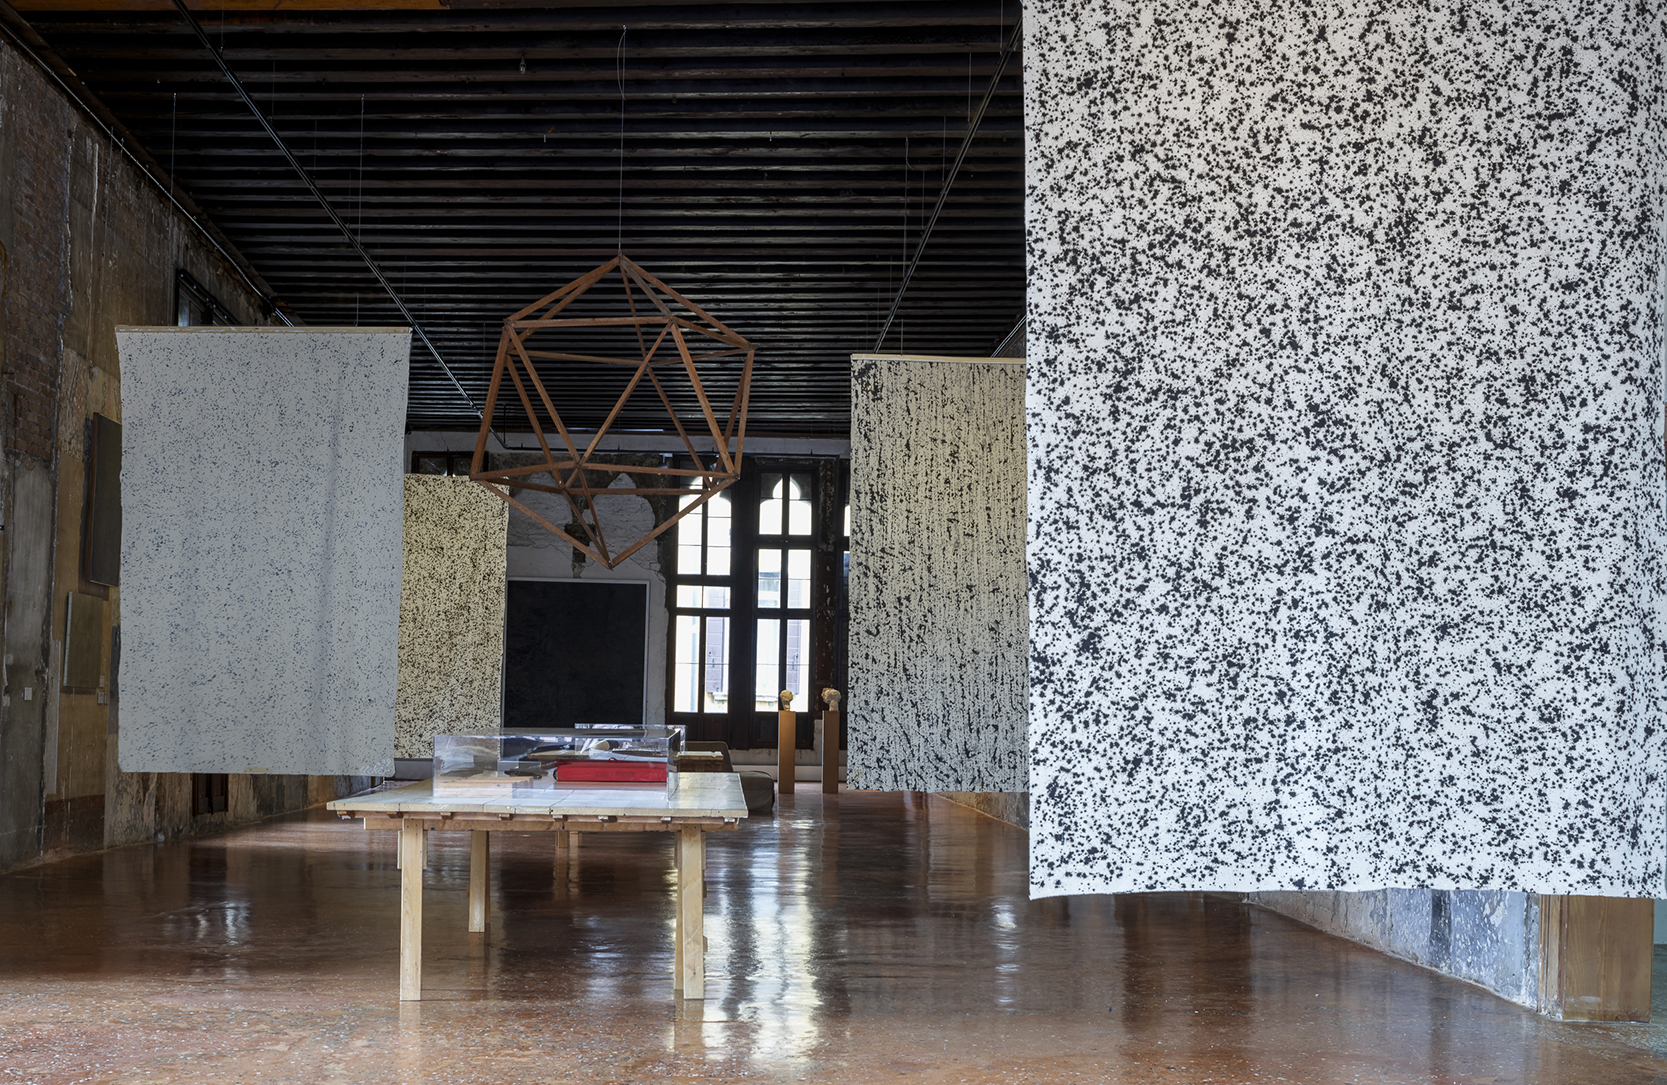 Intuition palazzo fortuny venezia 13 maggio 26 for Venezia mostre 2017